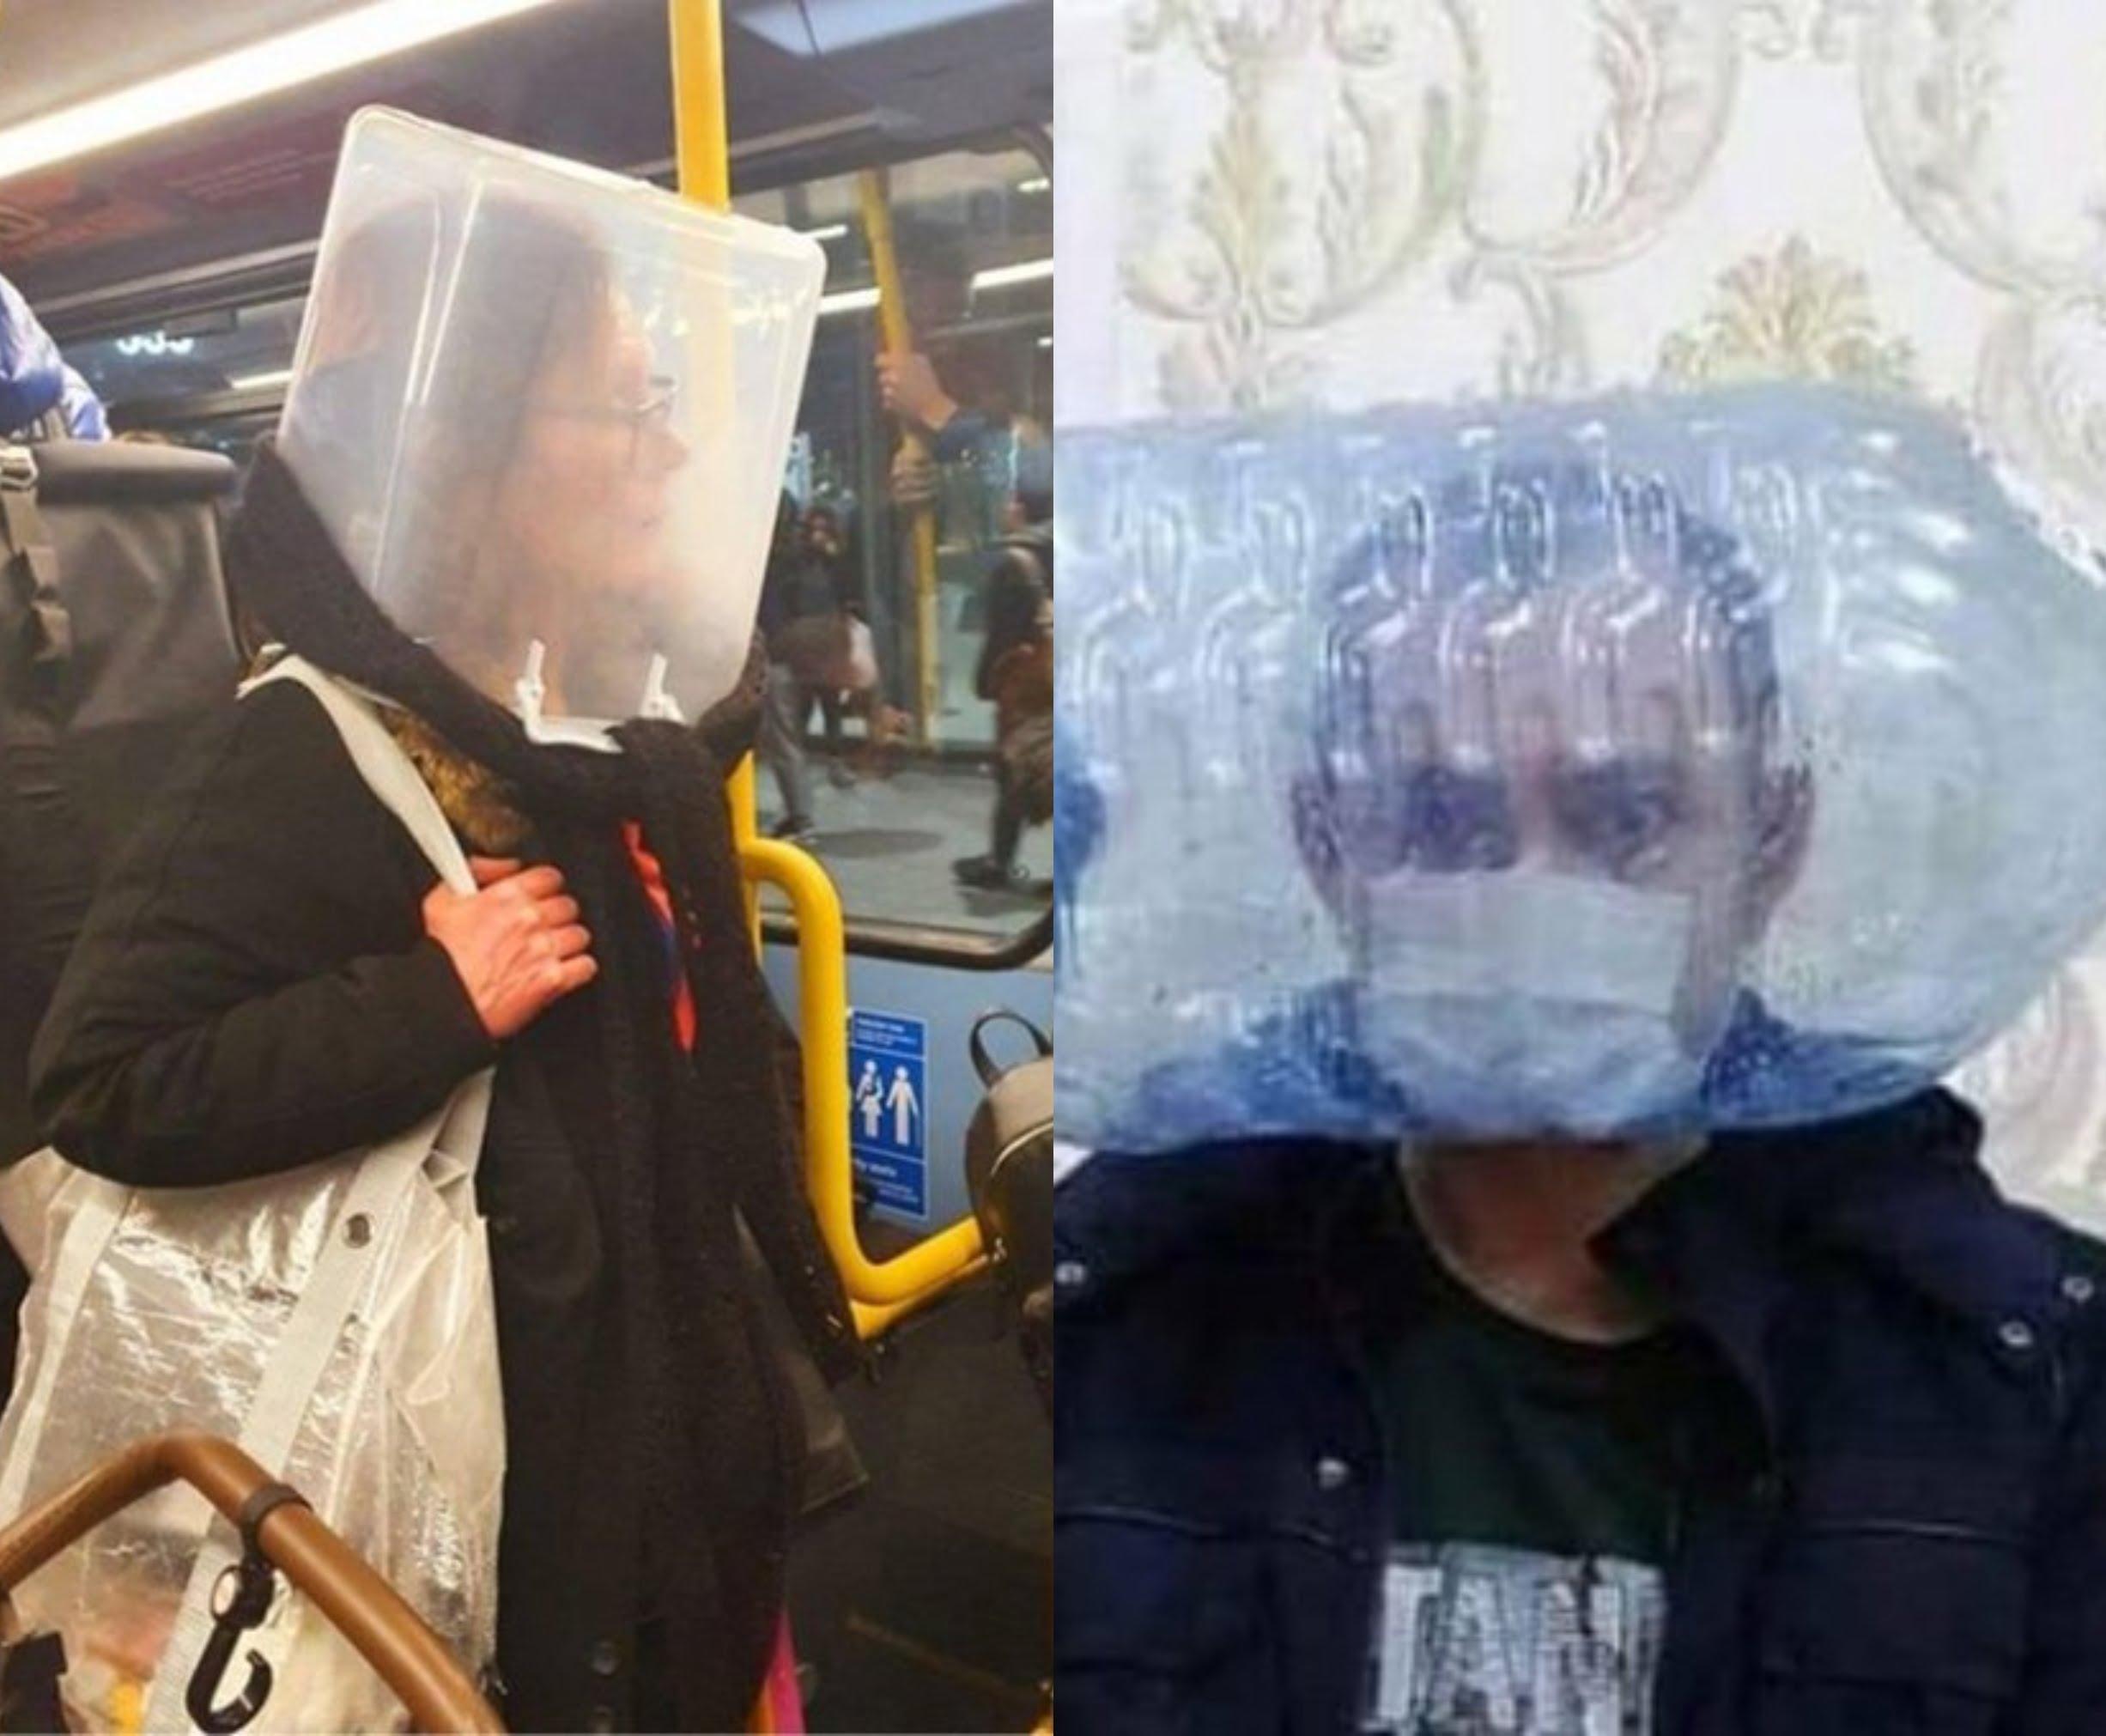 Koronavirüs Maske Fiyatları Artınca Sosyal Medya'da İlginç Maske Fikirleri Ortaya Çıktı